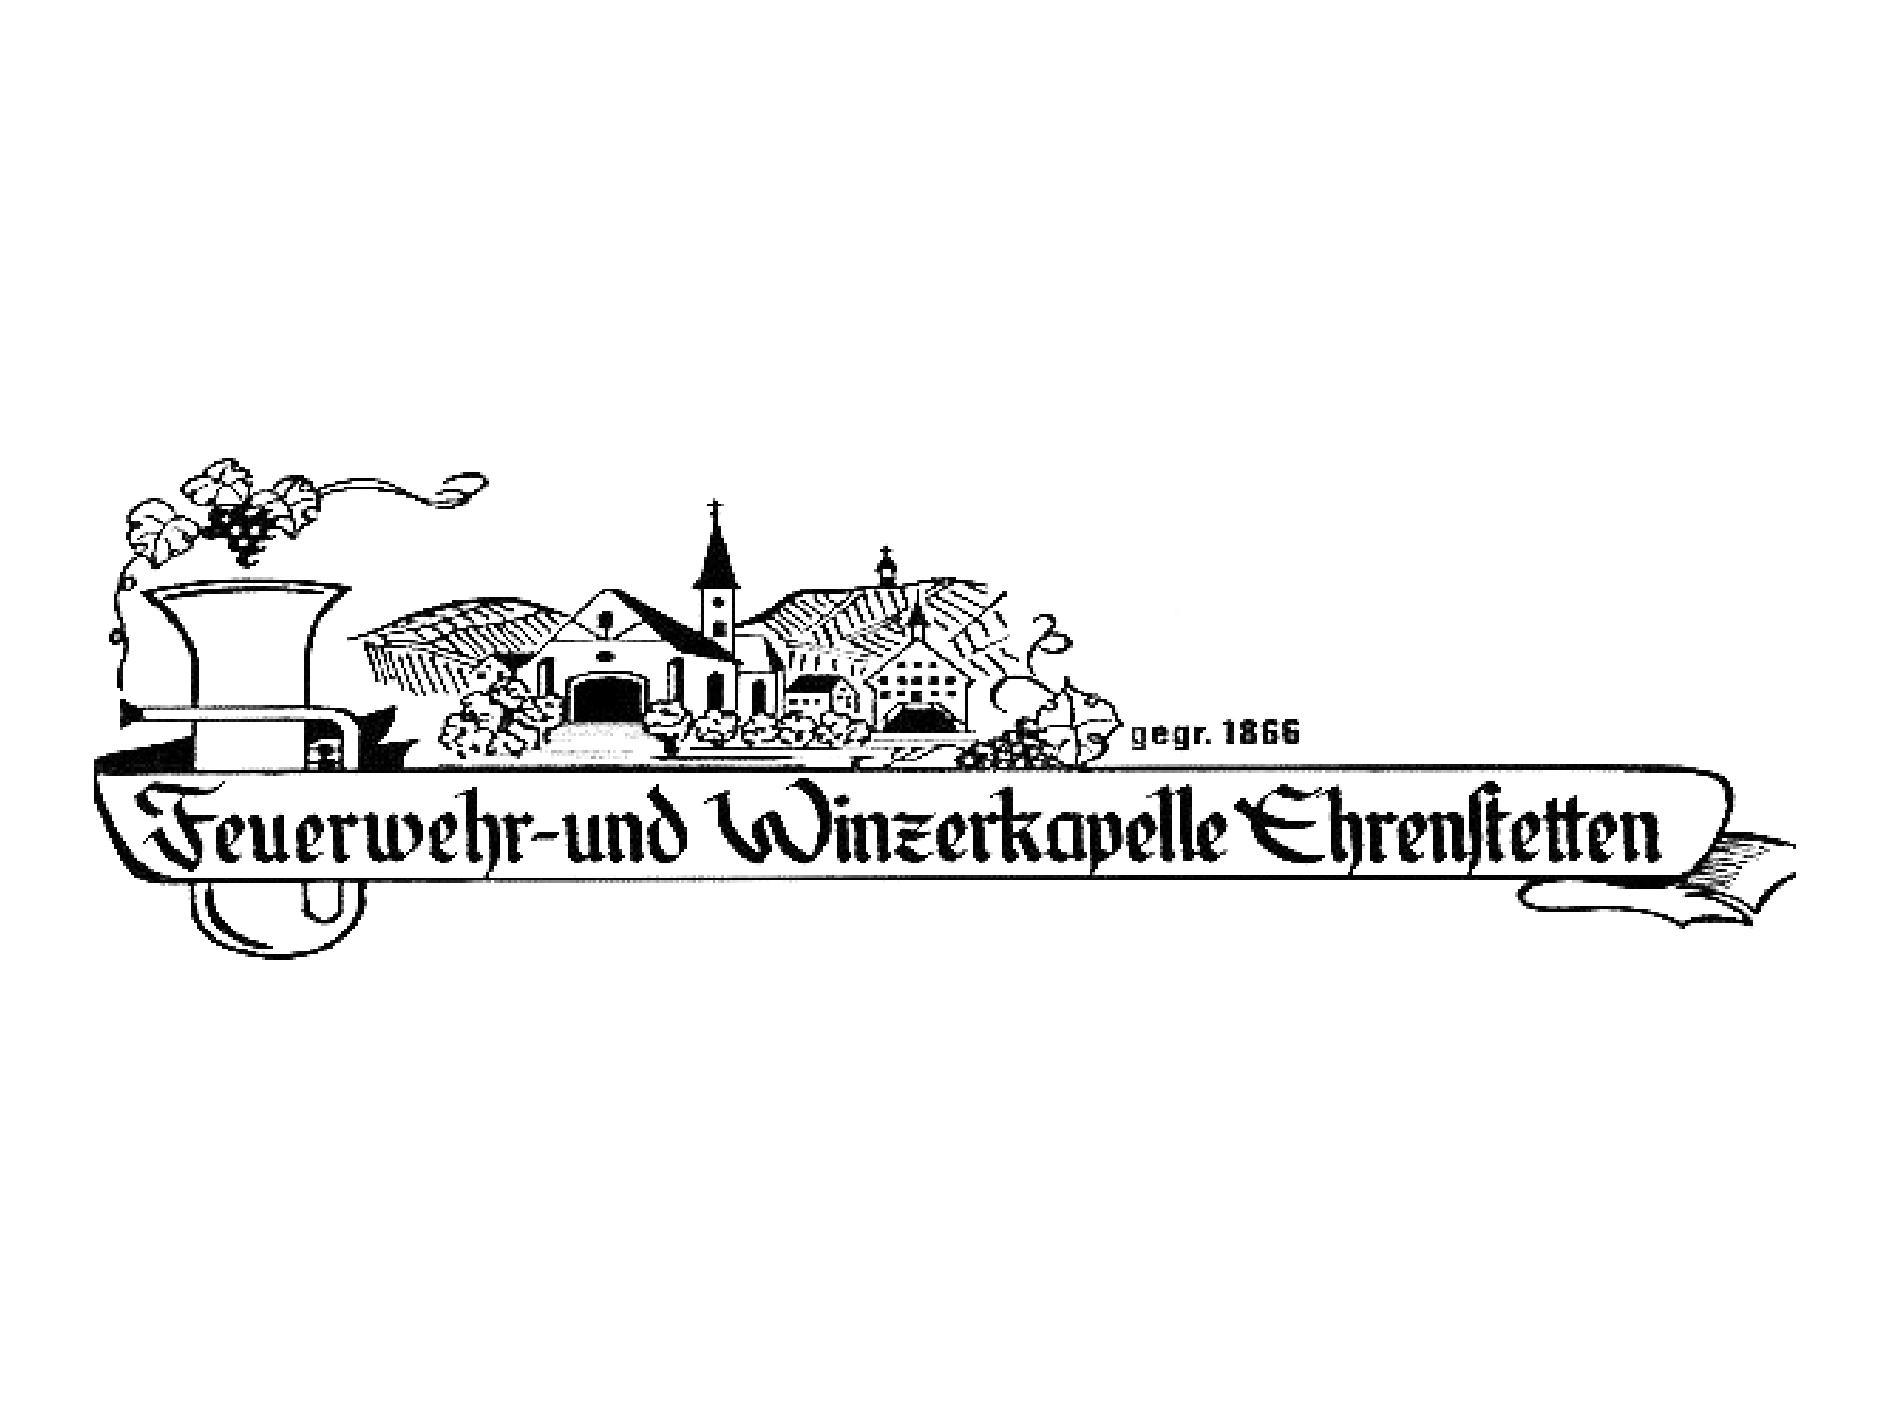 Feuerwehr- und Winzerkapelle Ehrenstetten